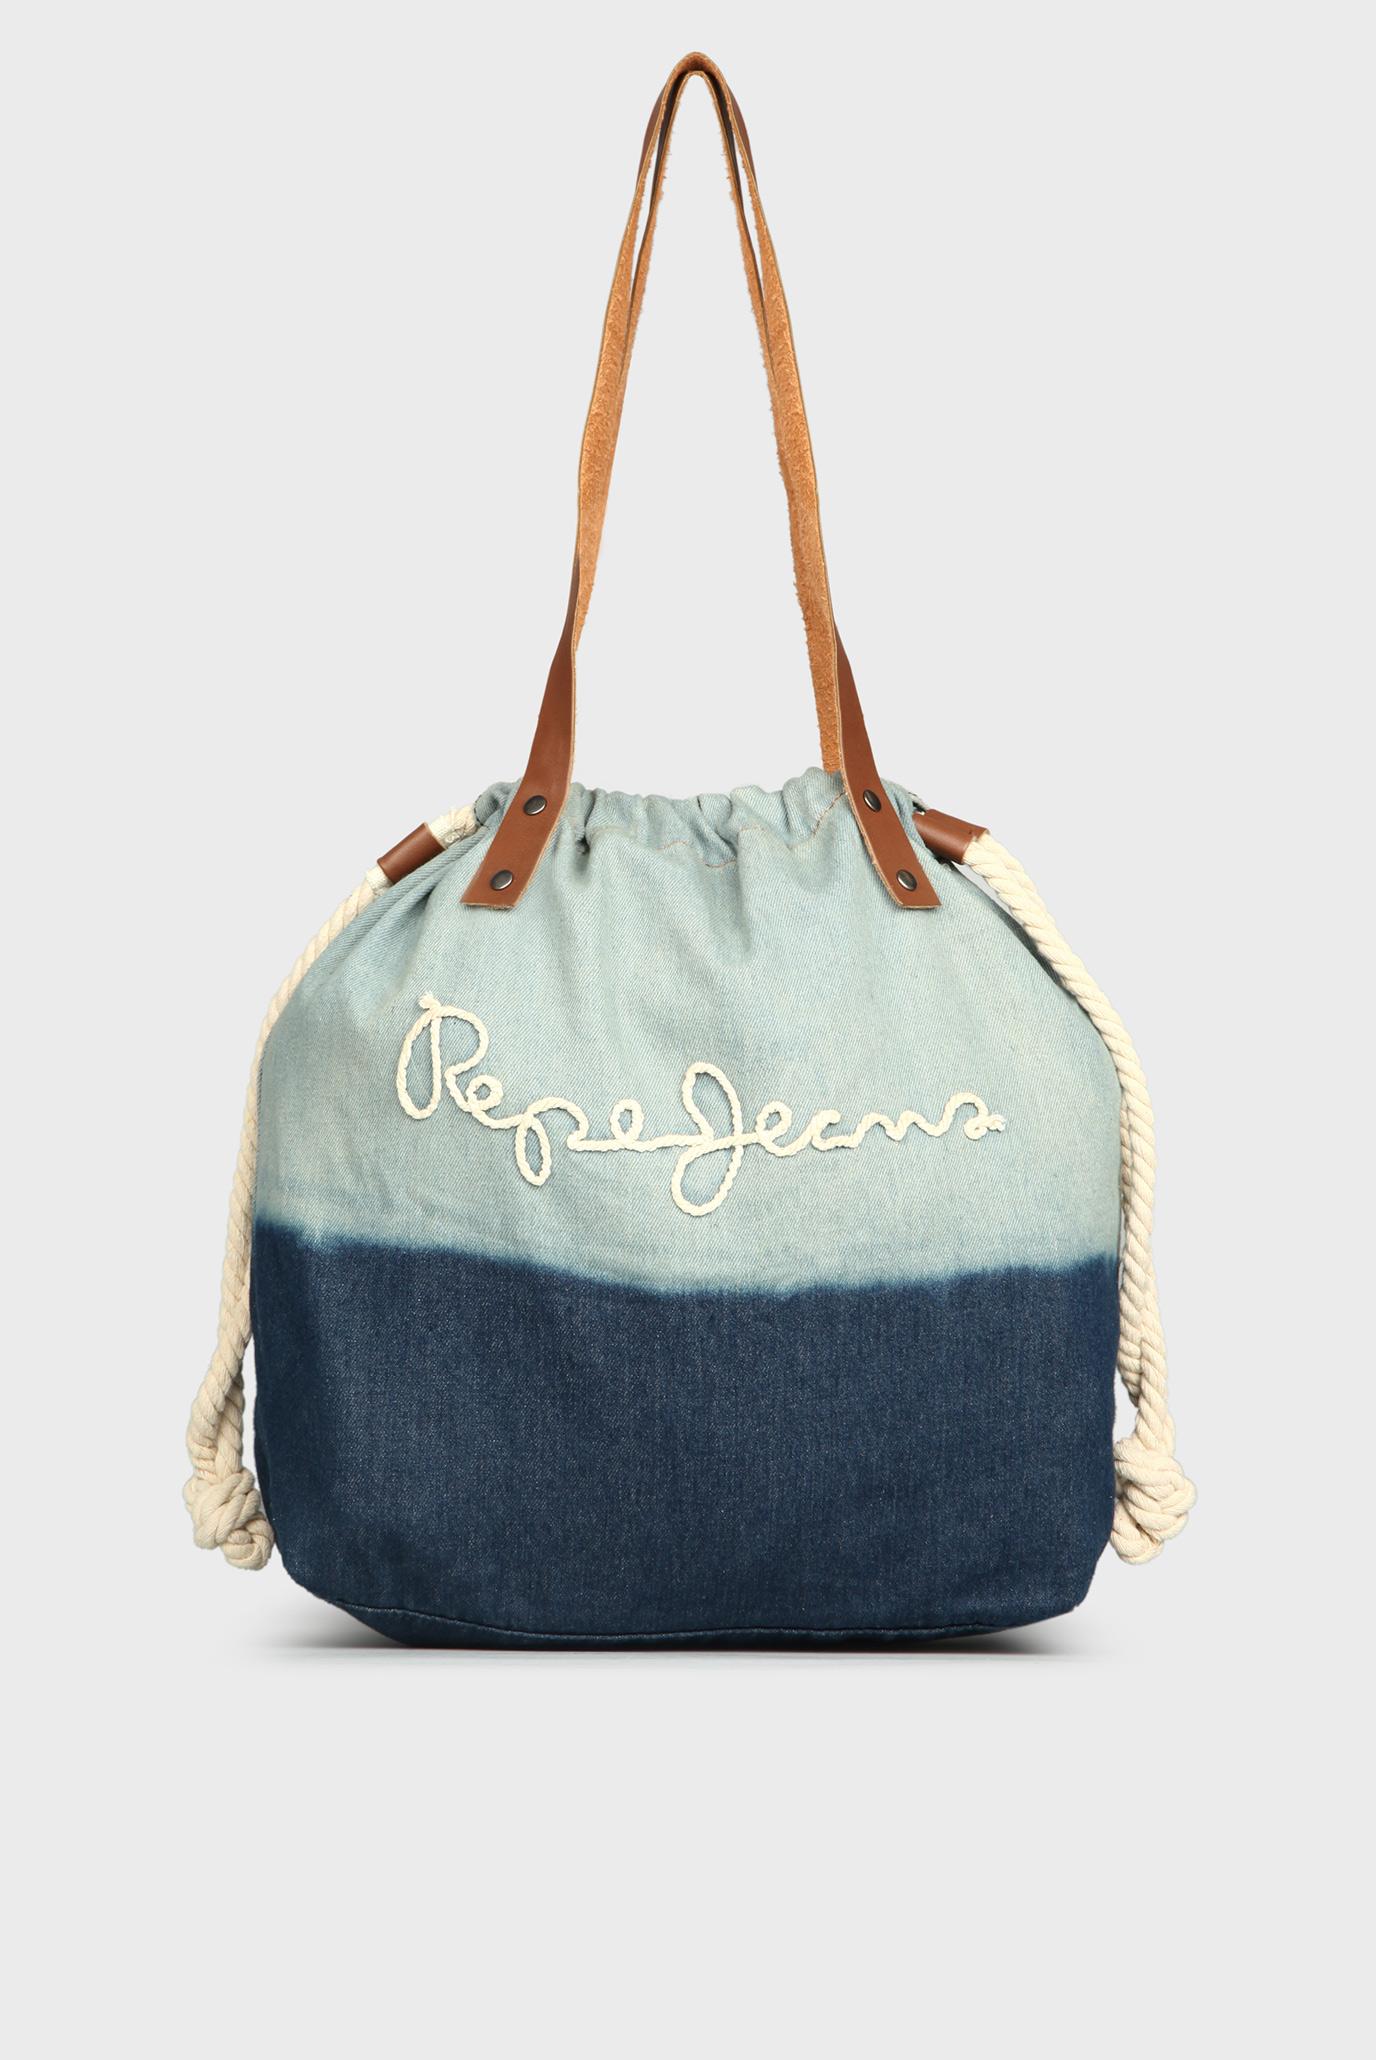 c85a05469a9a Купить Женская темно-синяя сумка на плечо Pepe Jeans Pepe Jeans PL030706 –  Киев, Украина. Цены в ...